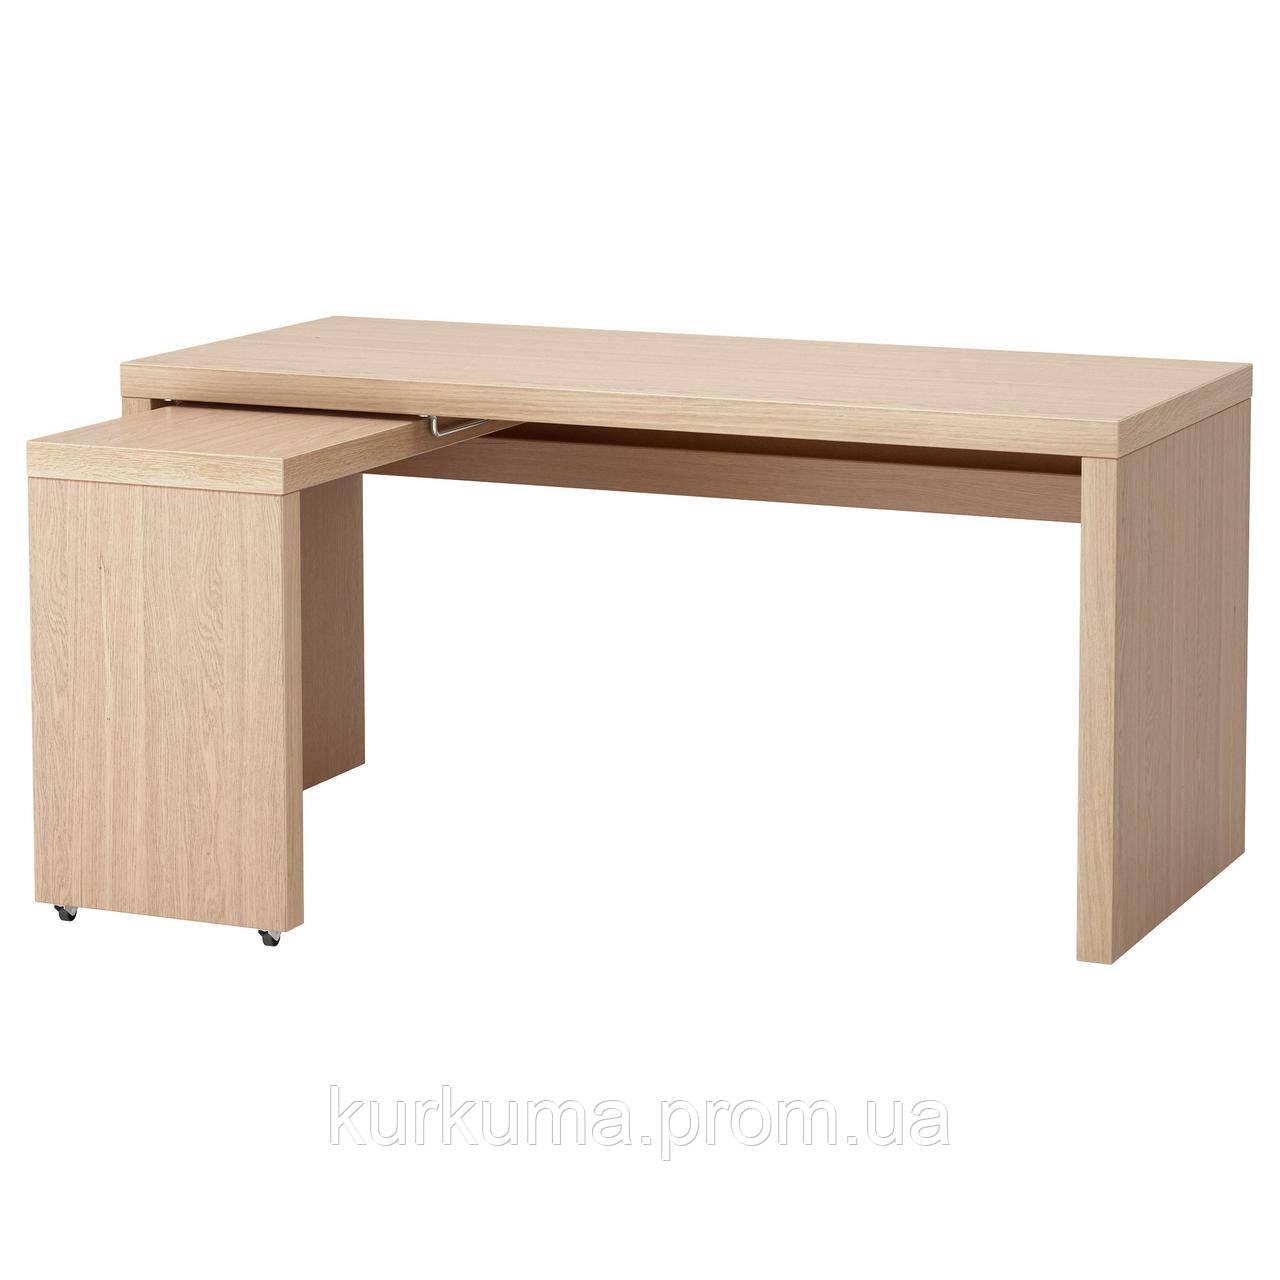 IKEA MALM Стол с выдвижной панелью, белая Морилка дубовый шпон  (503.598.26)